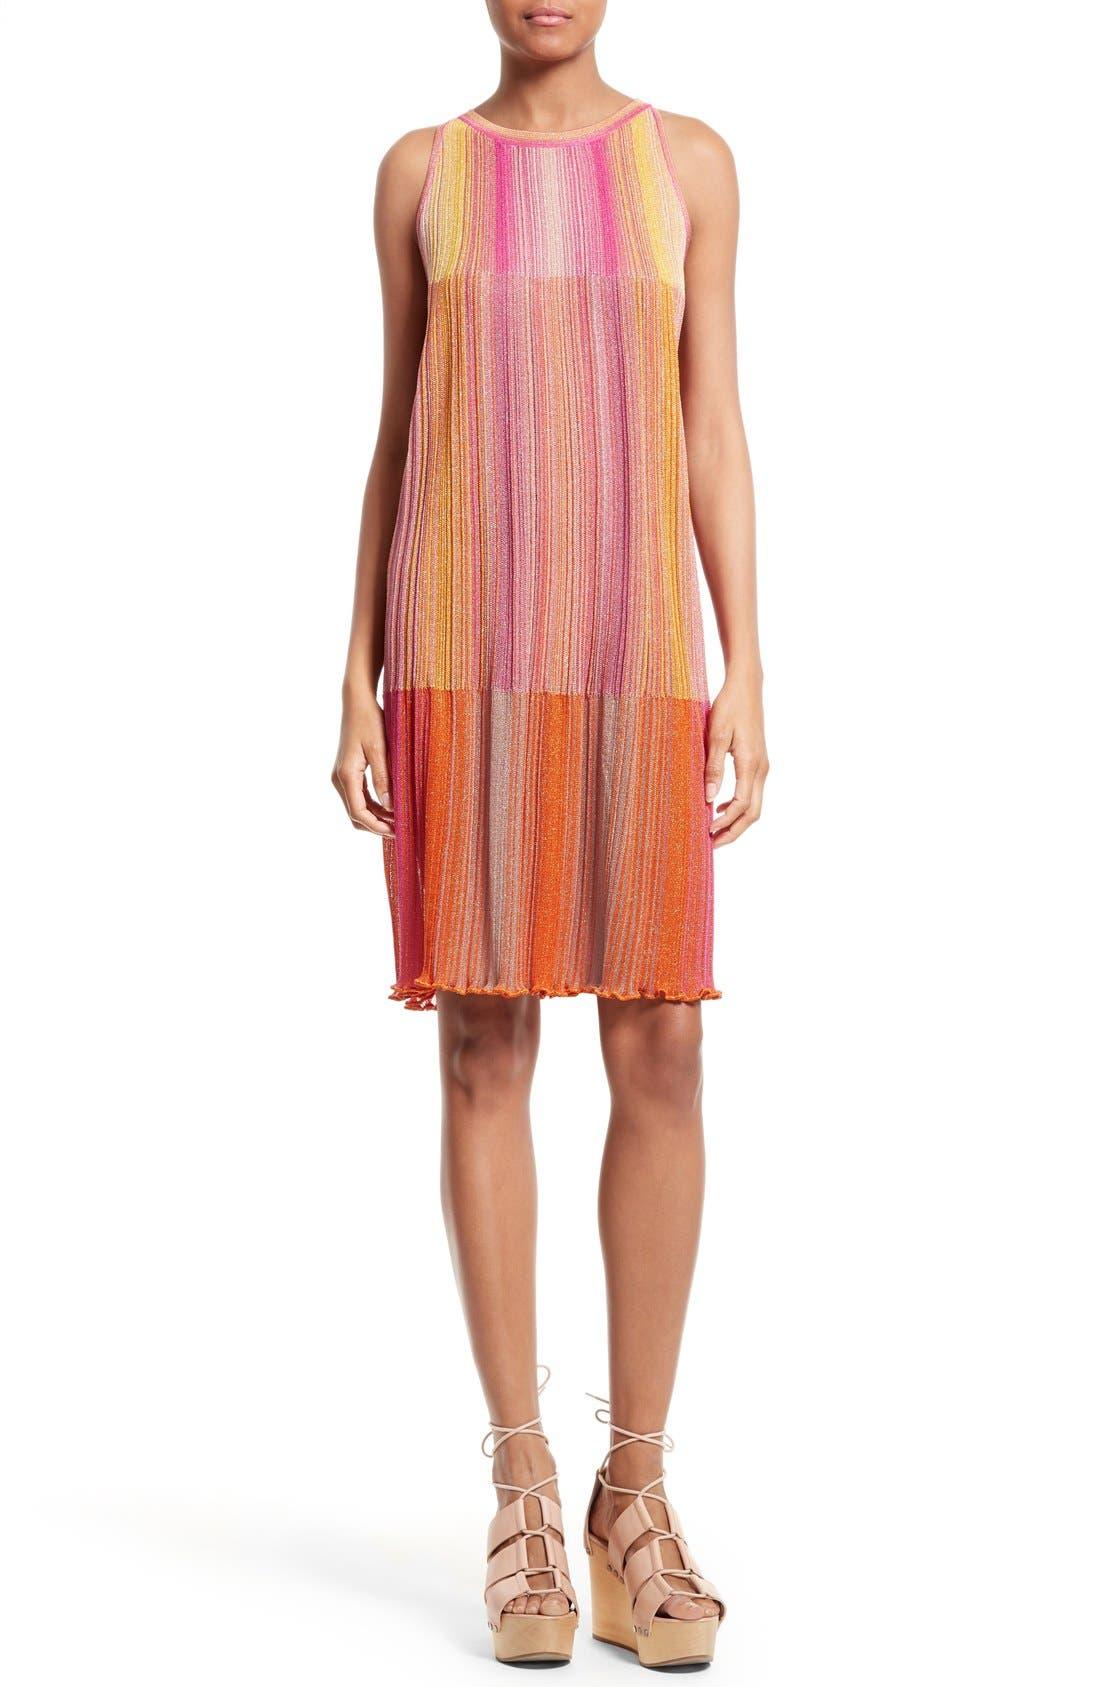 Alternate Image 1 Selected - M Missoni Plissé Metallic Knit Shift Dress